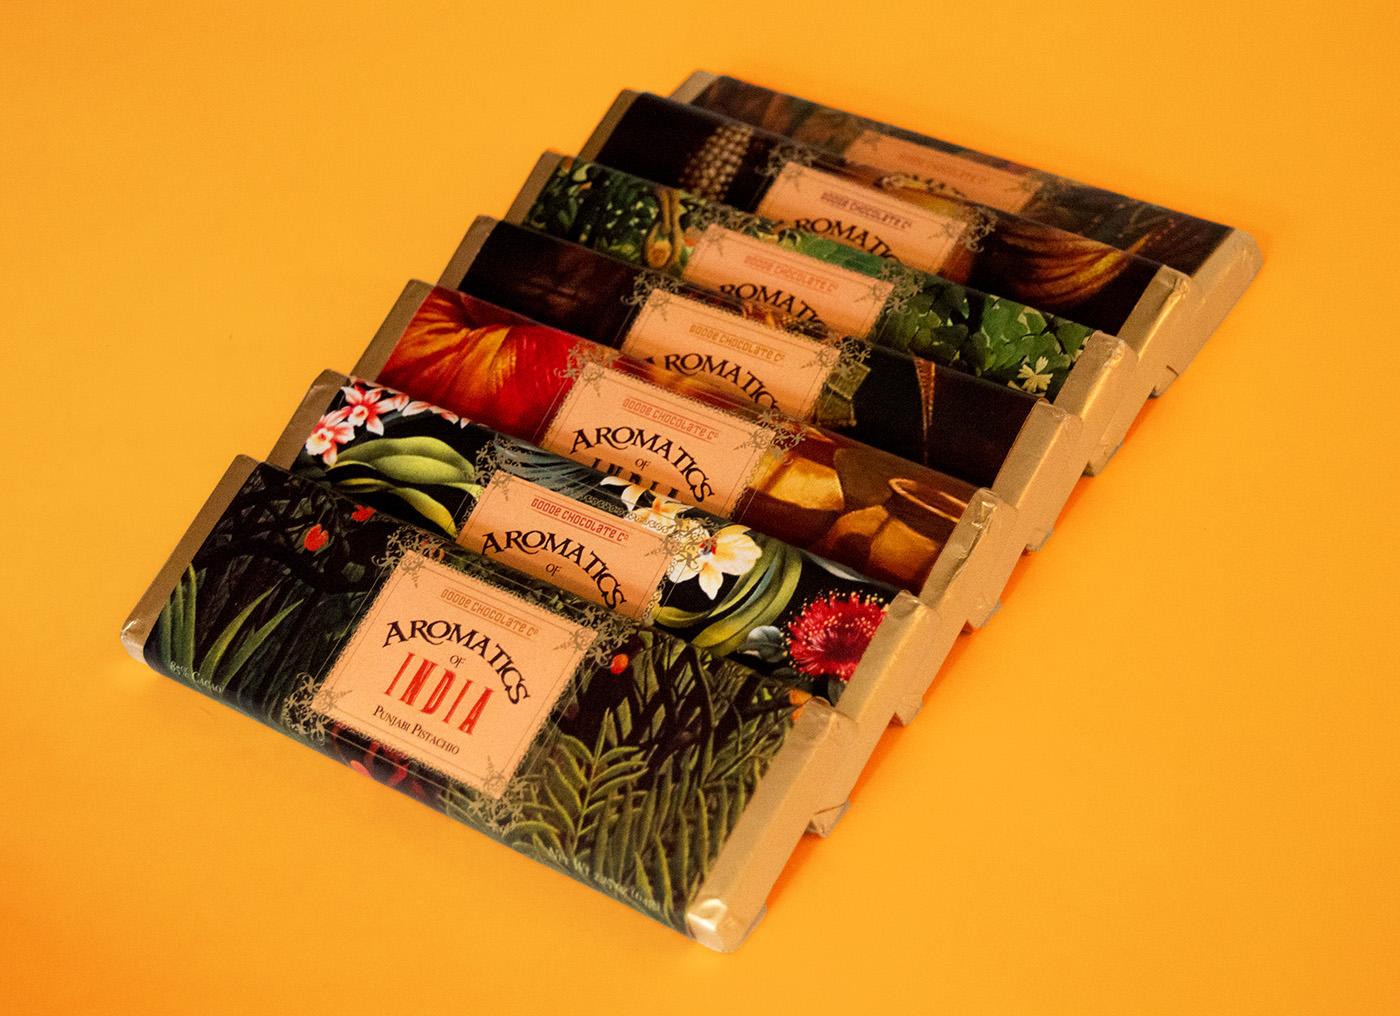 Aromatics of India chocolate bars